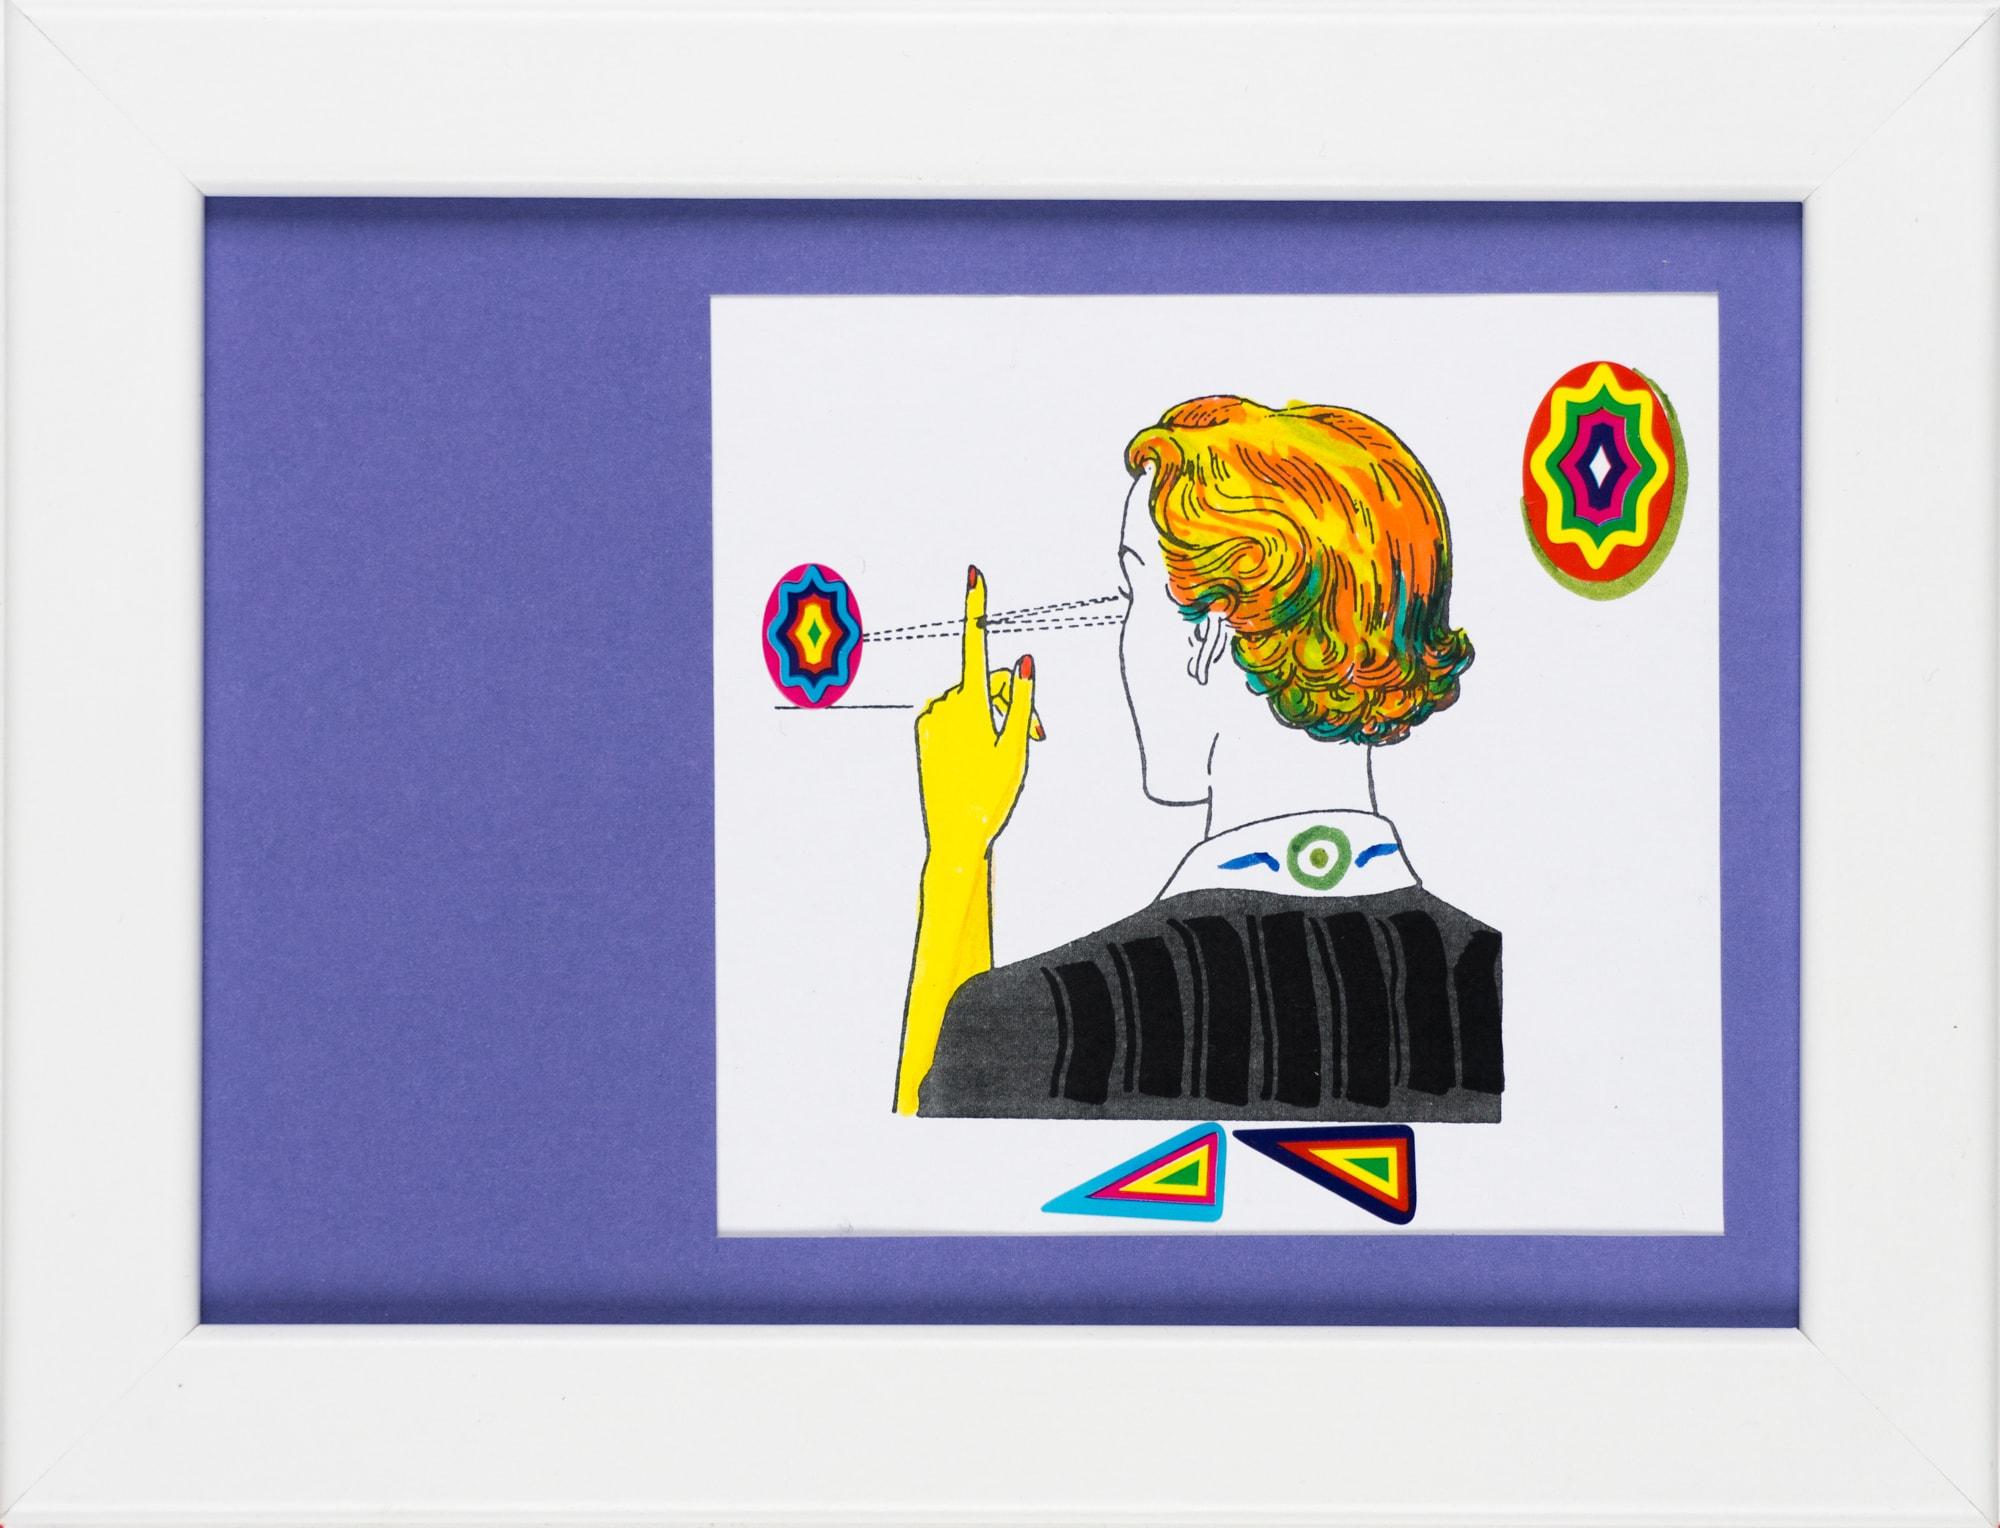 Übermalung und Mischtechnik auf Papier, 10,7x10cm, Originalgrafik zum gleichnamigen Booklet, Künstlerin: Franziska King